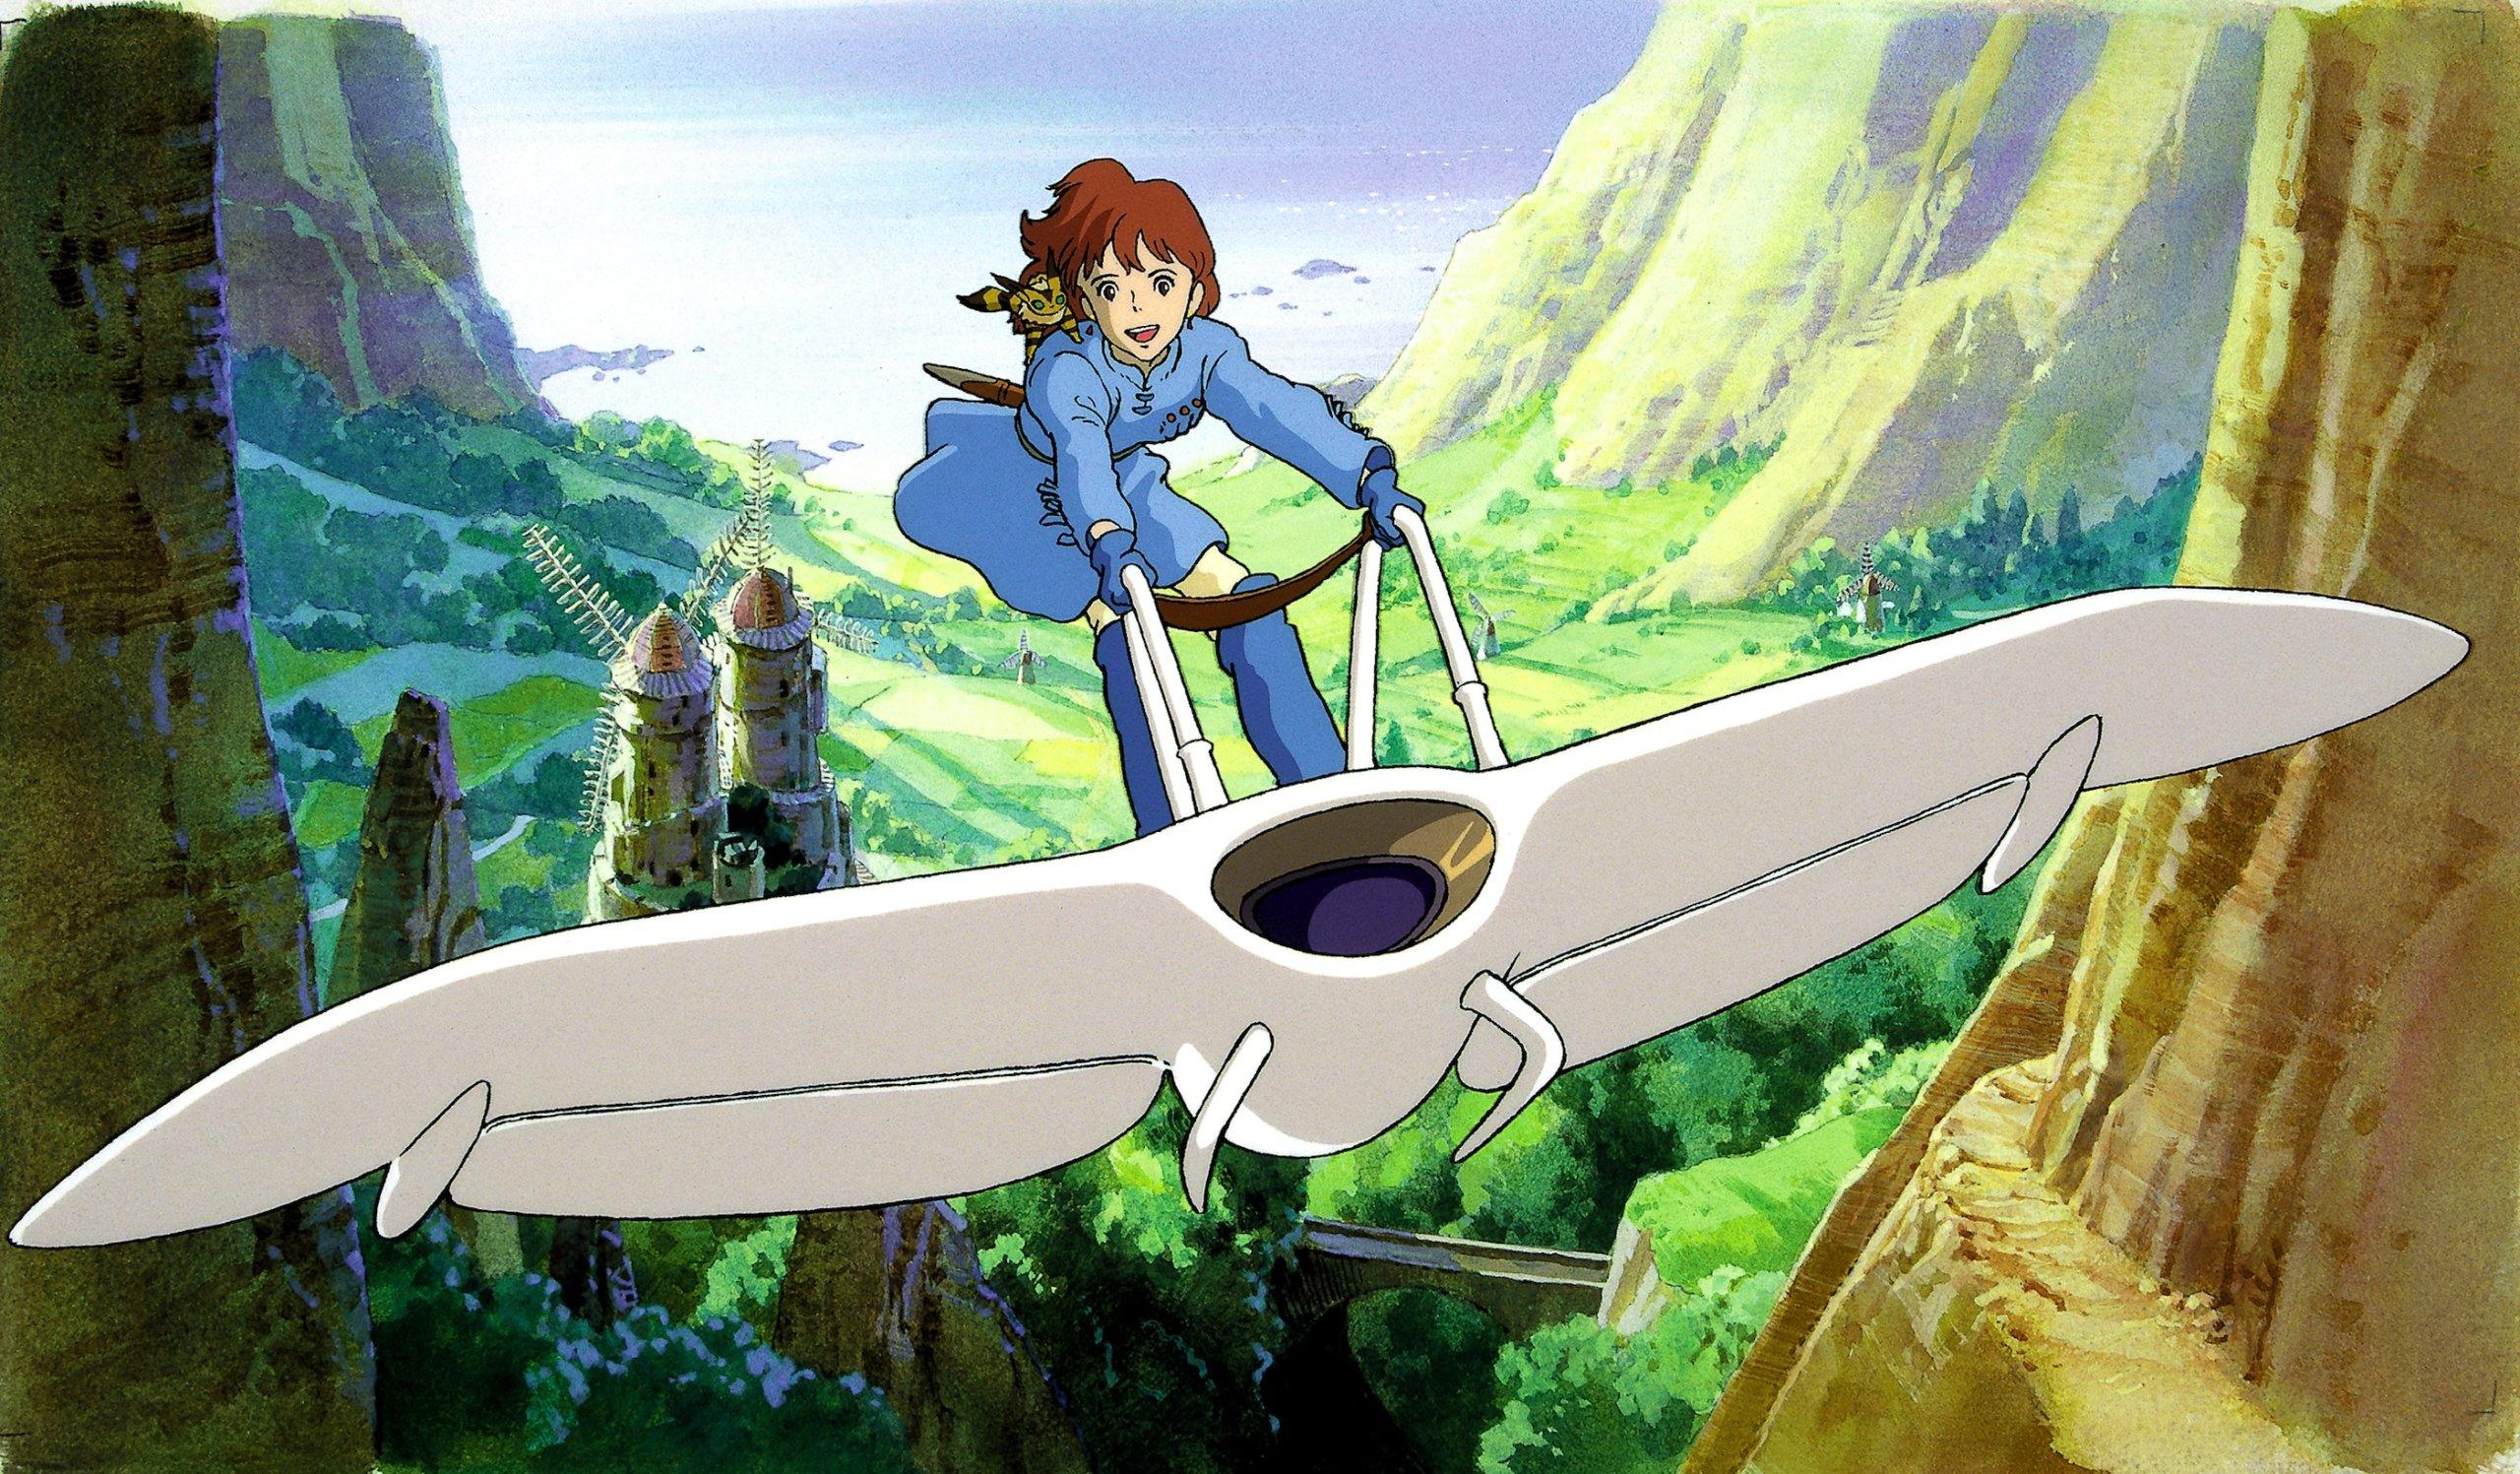 """Hideaki Anno, el creador de """"Evangelion"""", quiere hacer un remake live-action de """"Nausicaä"""" de Studio Ghibli"""